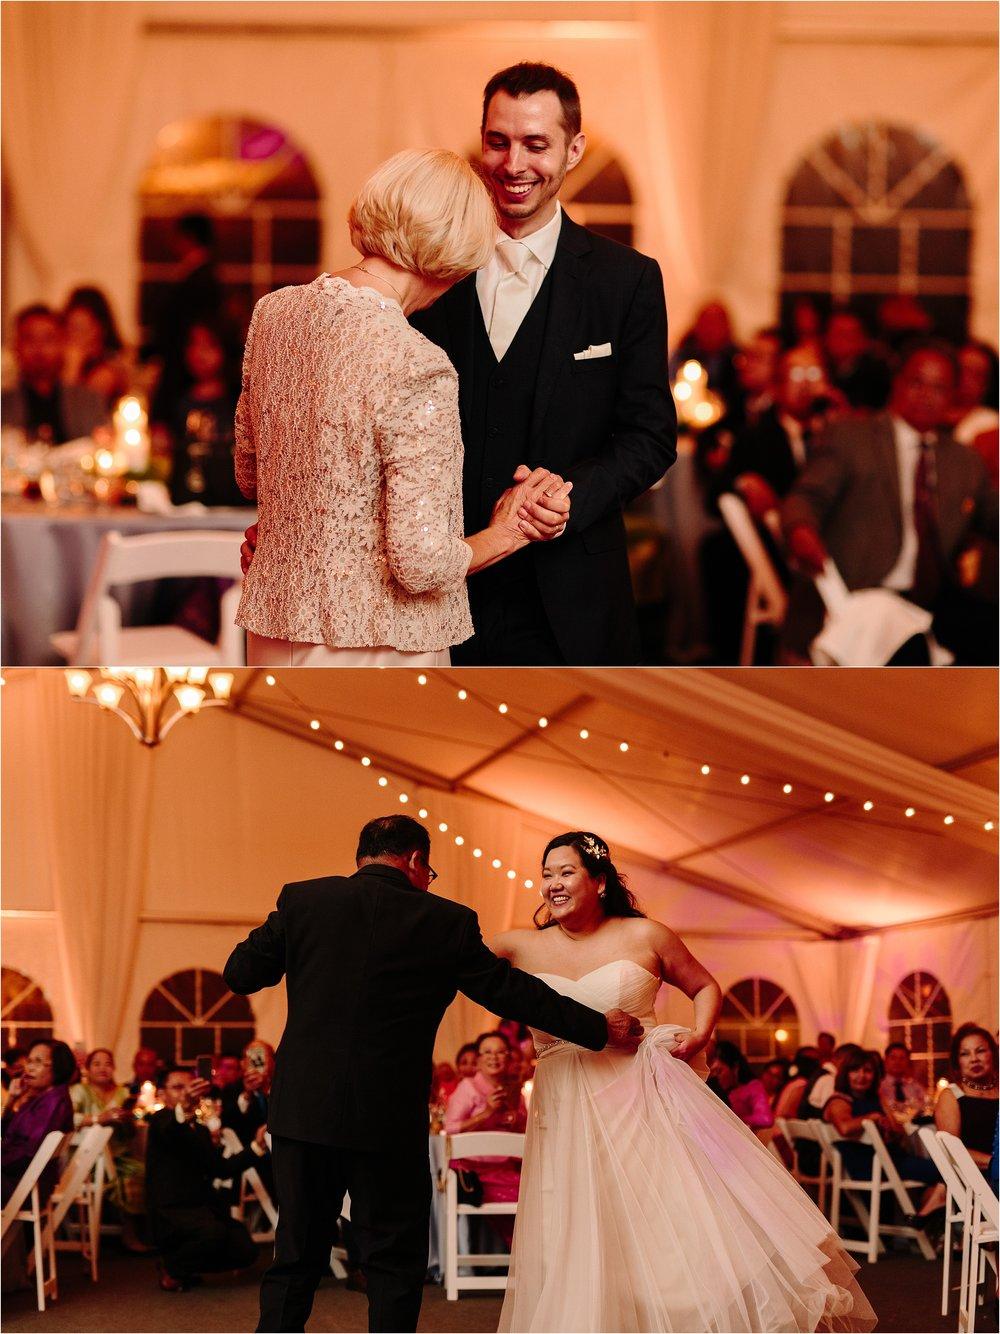 Chicago-Marriott-Schaumburg-Wedding-183.jpg